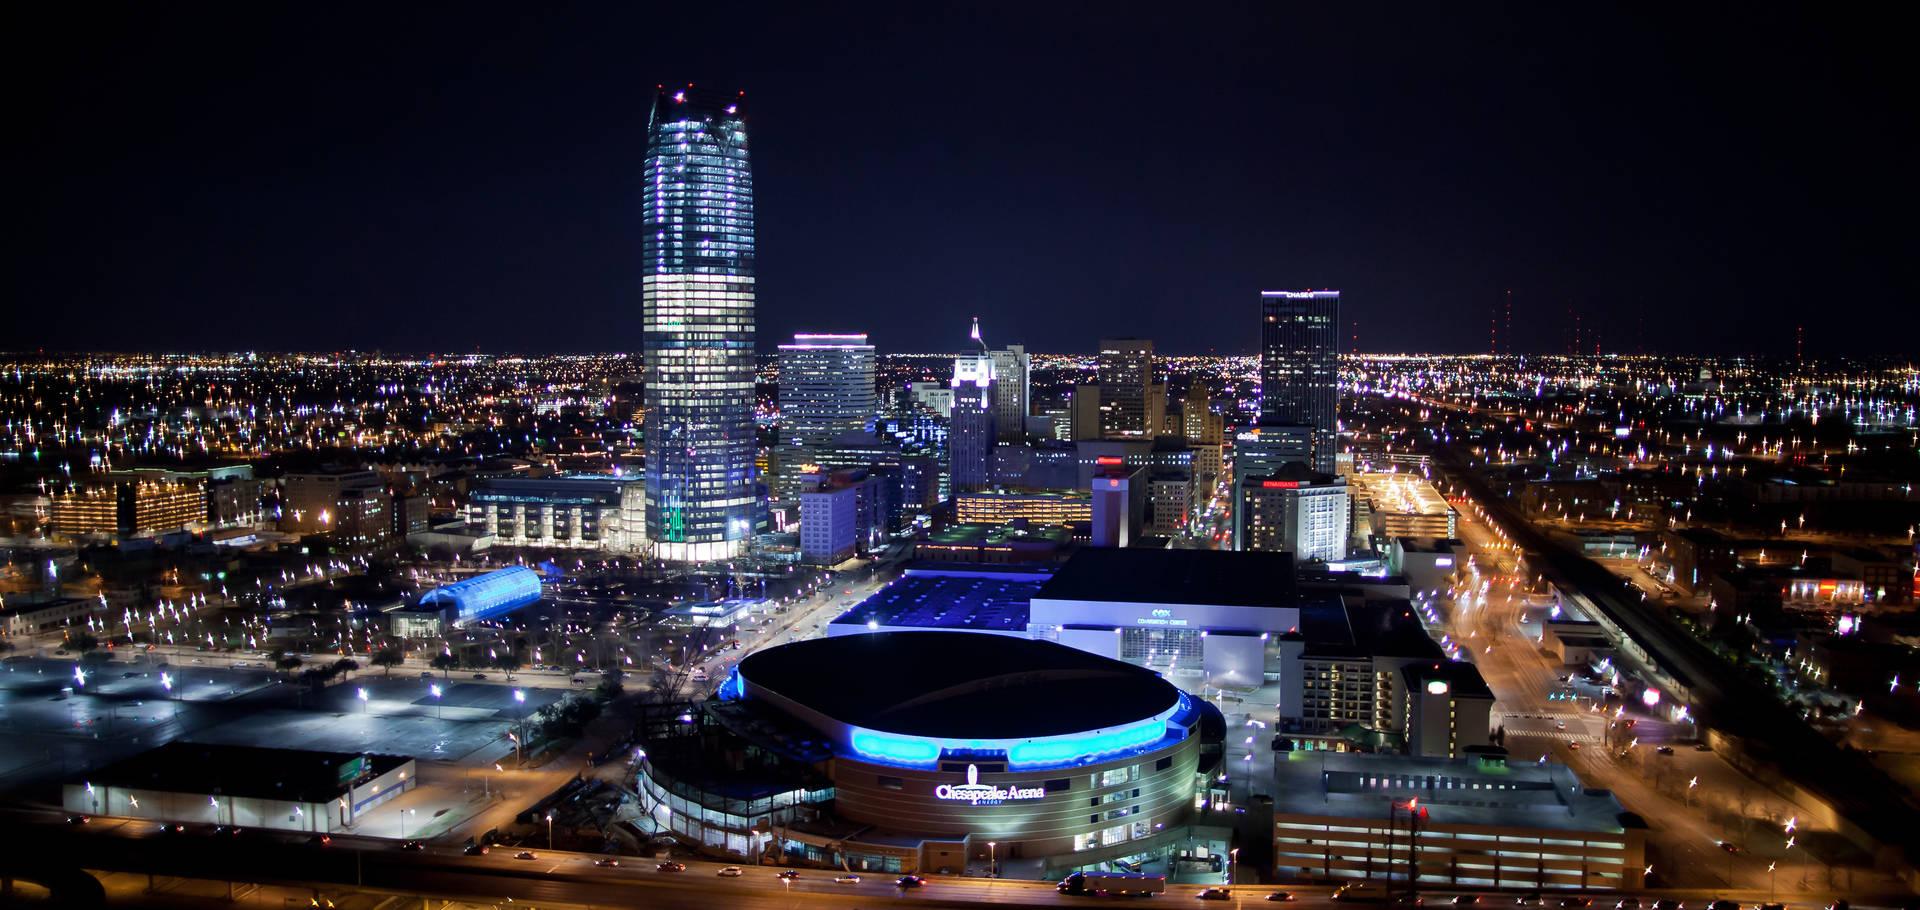 Oklahoma City, Civic Center Foundation to pay $900,000 ...